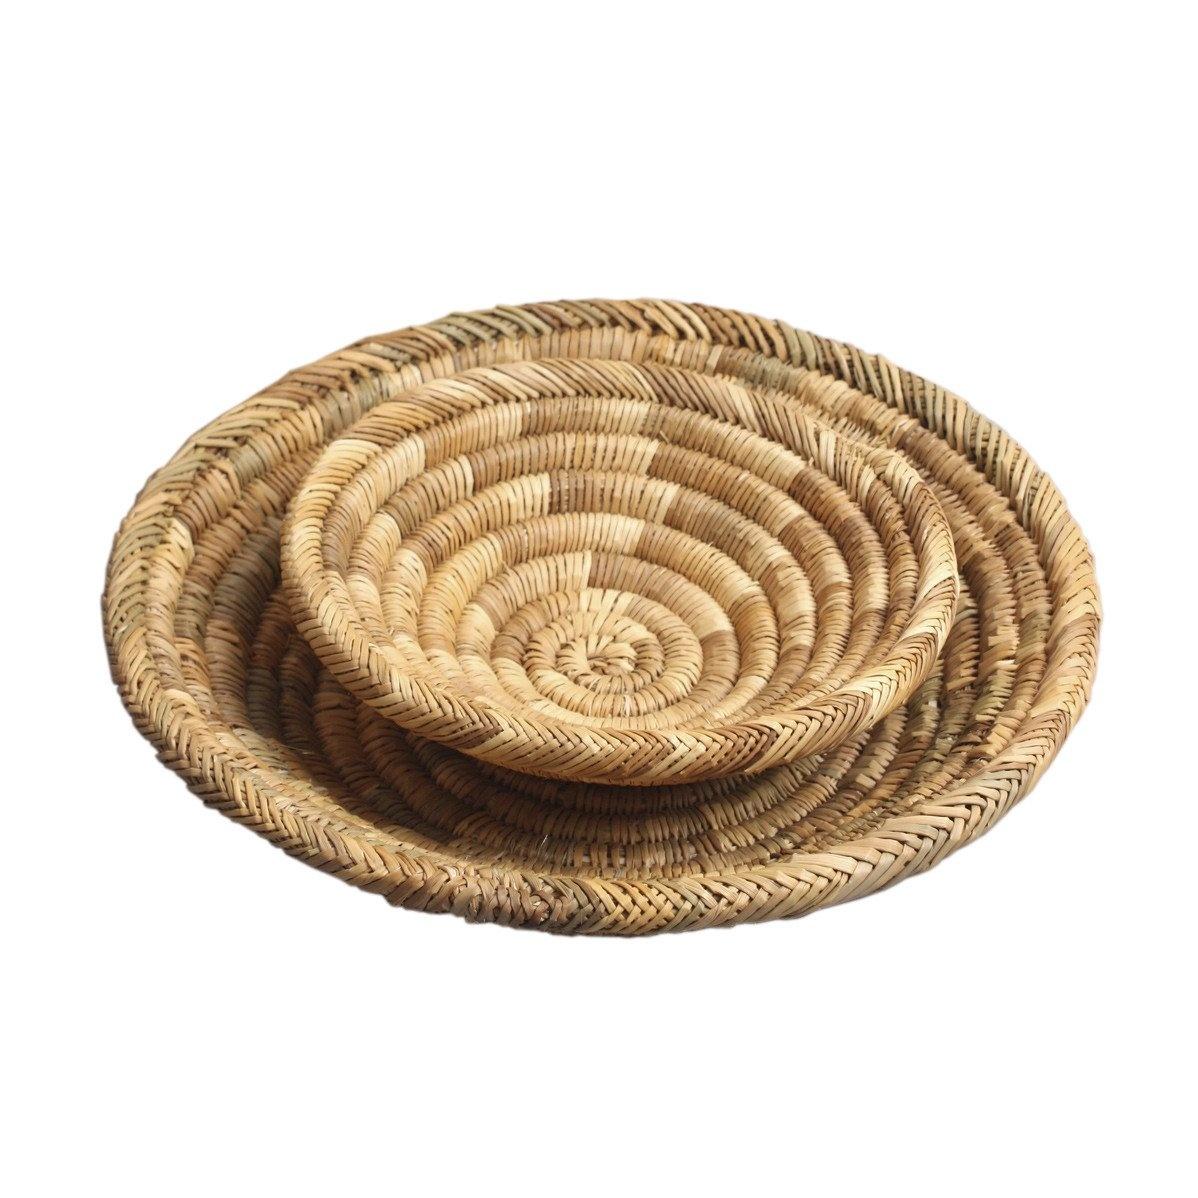 Riadlifestyle Marokkaans brood mand